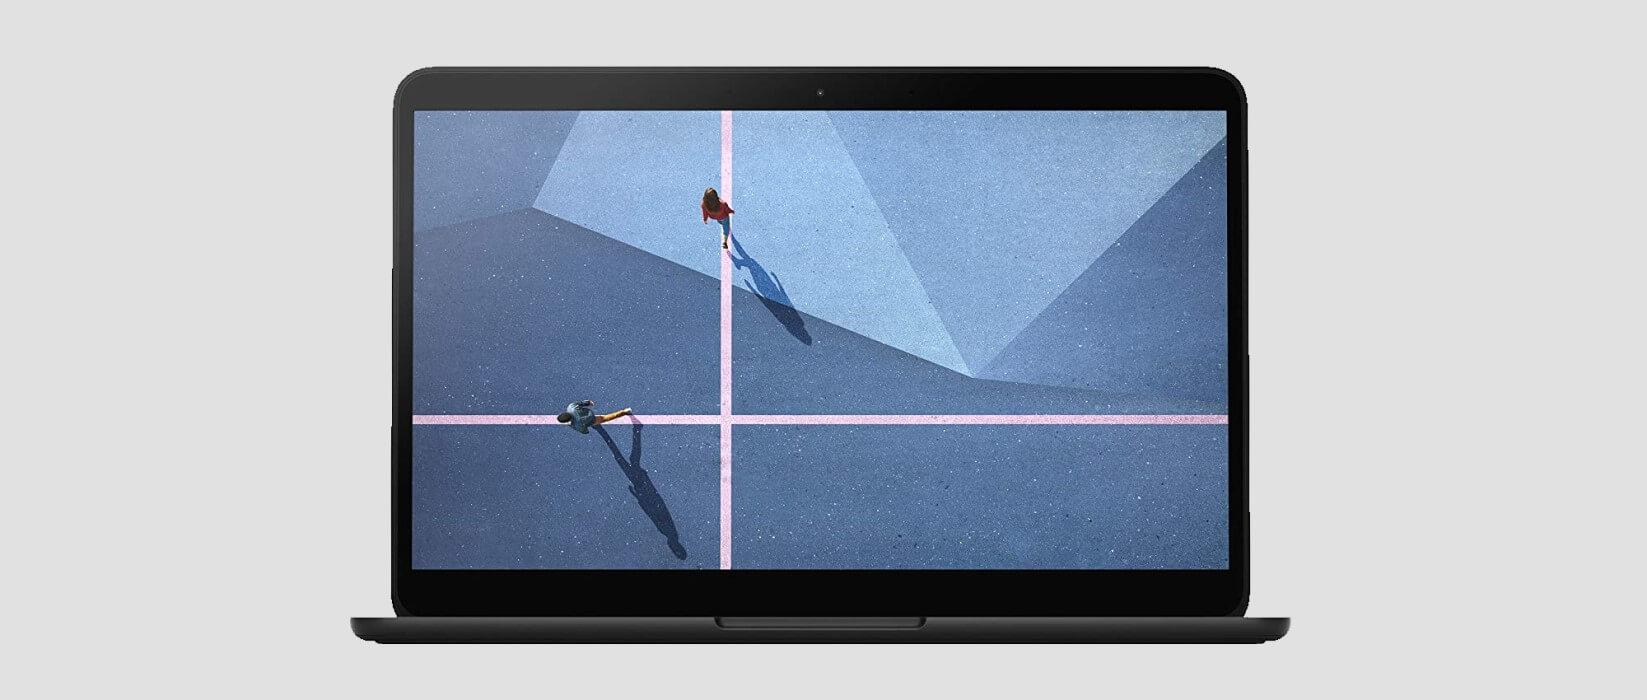 Laptop With Best Webcam